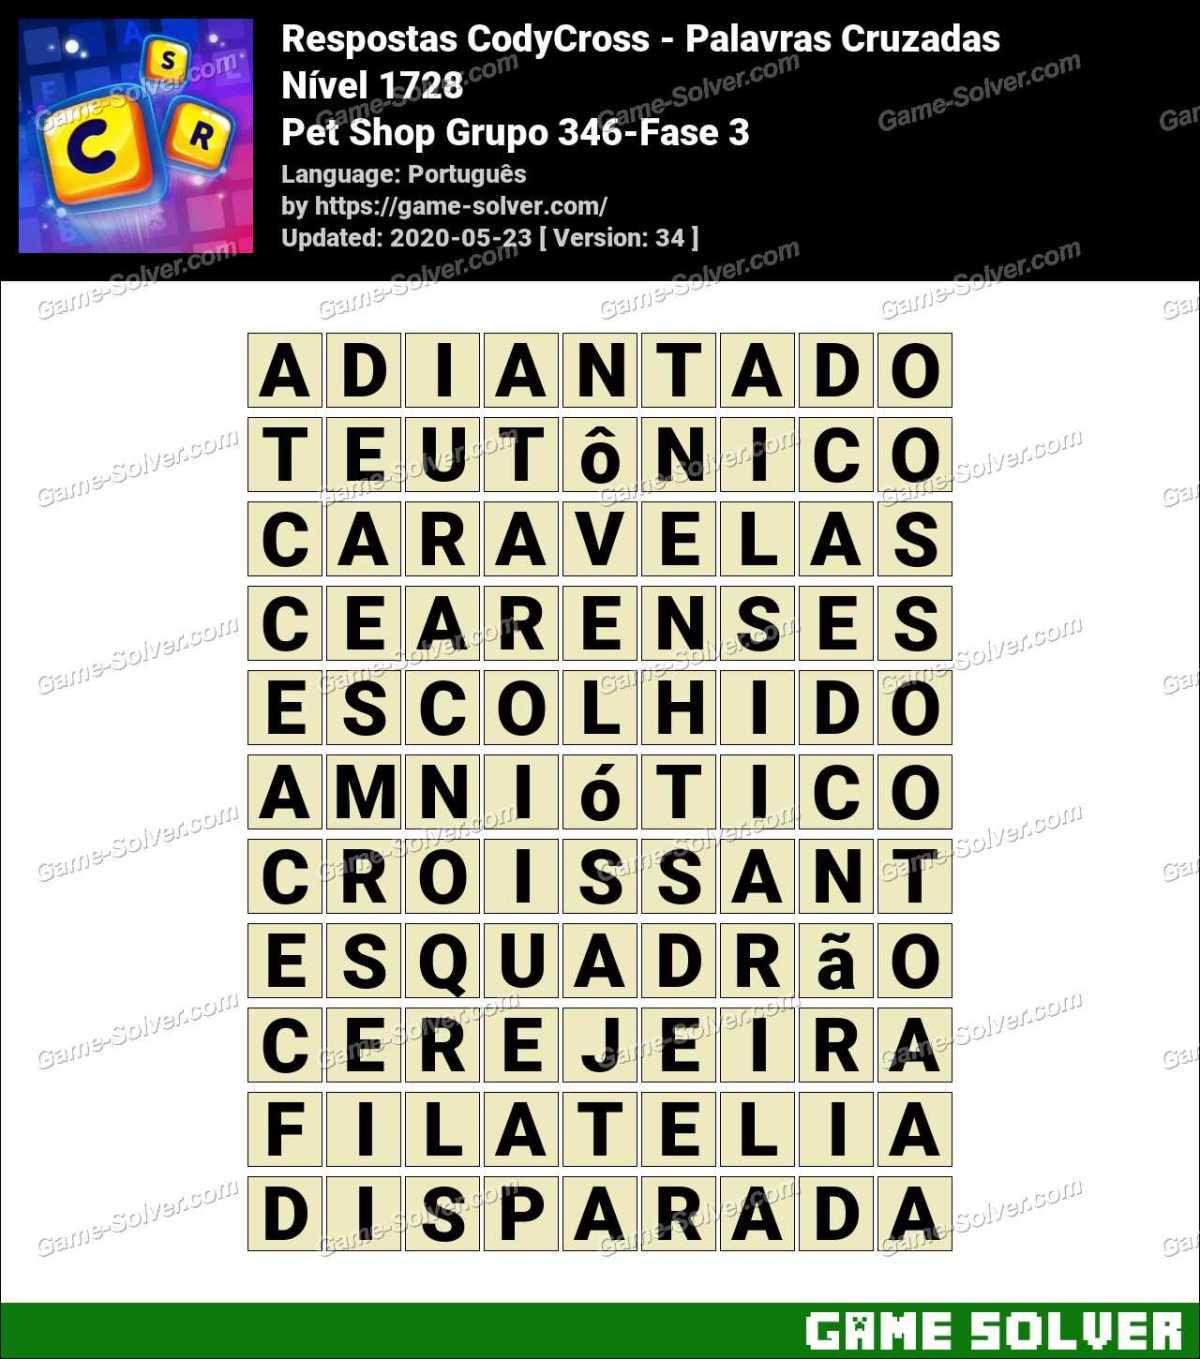 Respostas CodyCross Pet Shop Grupo 346-Fase 3